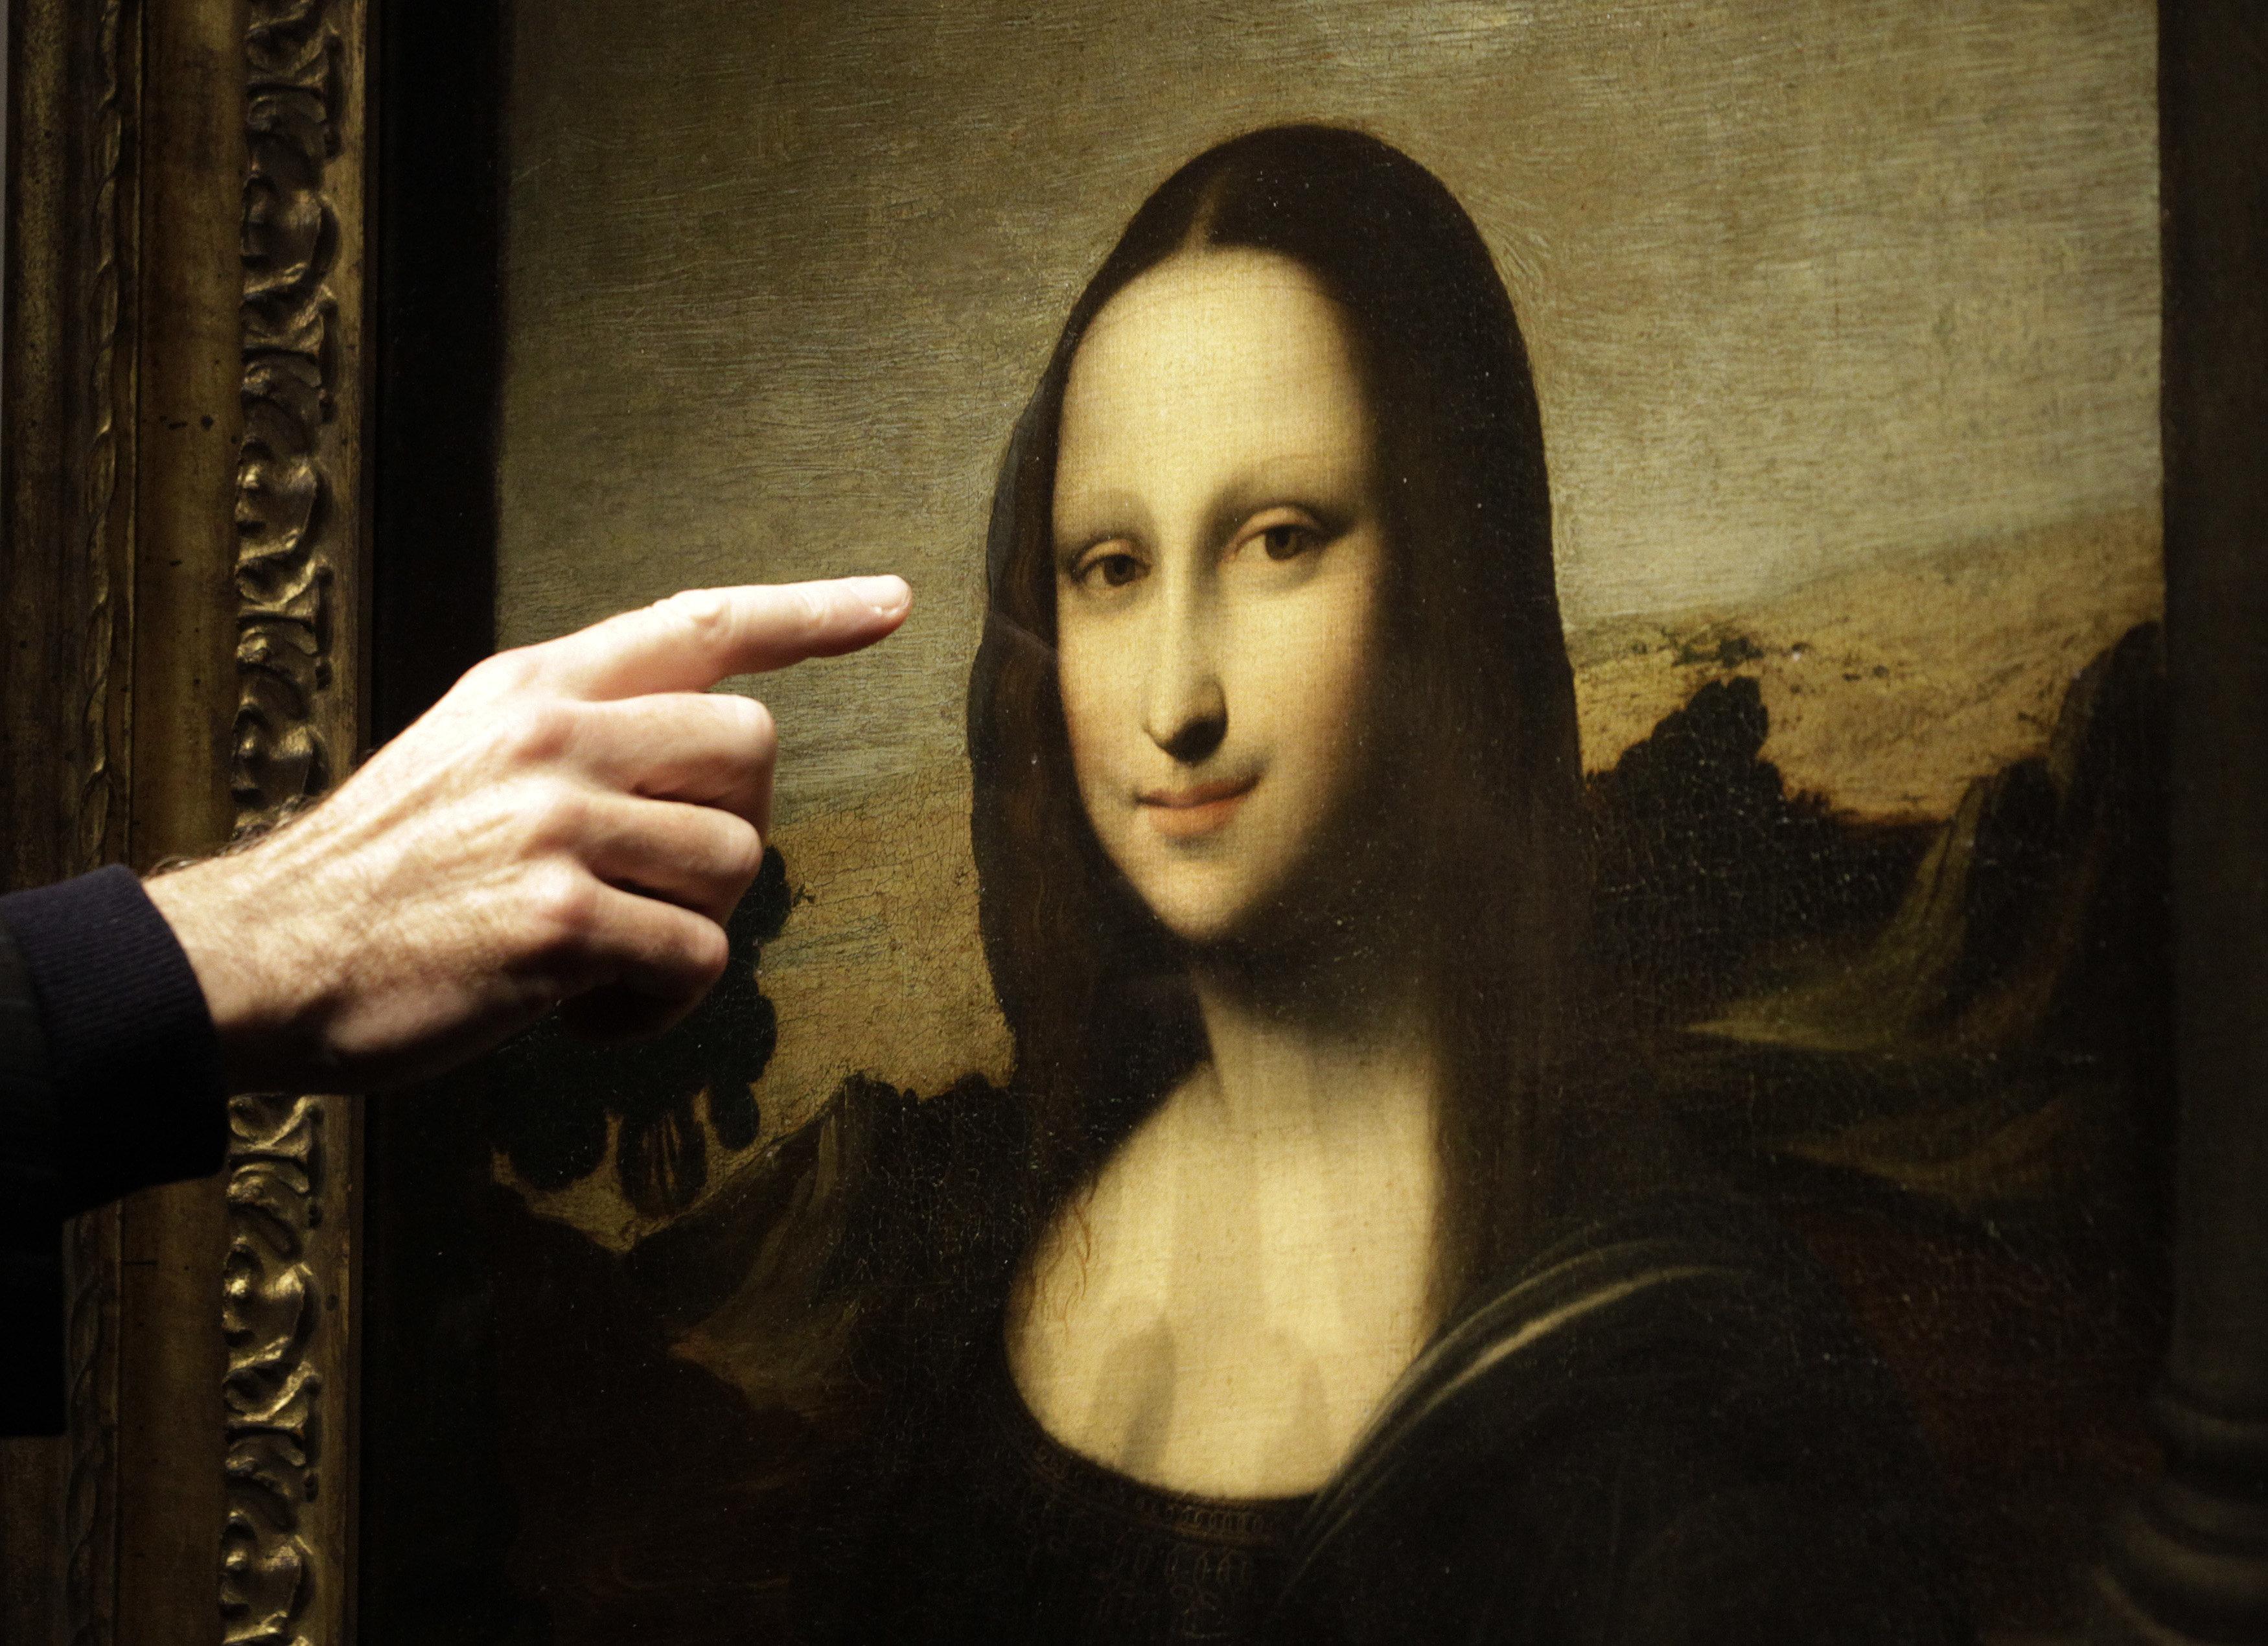 Μήπως αυτό που έκανε μεγάλο ζωγράφο τον Λεονάρντο Ντα Βίντσι οφείλεται στην προβληματική του